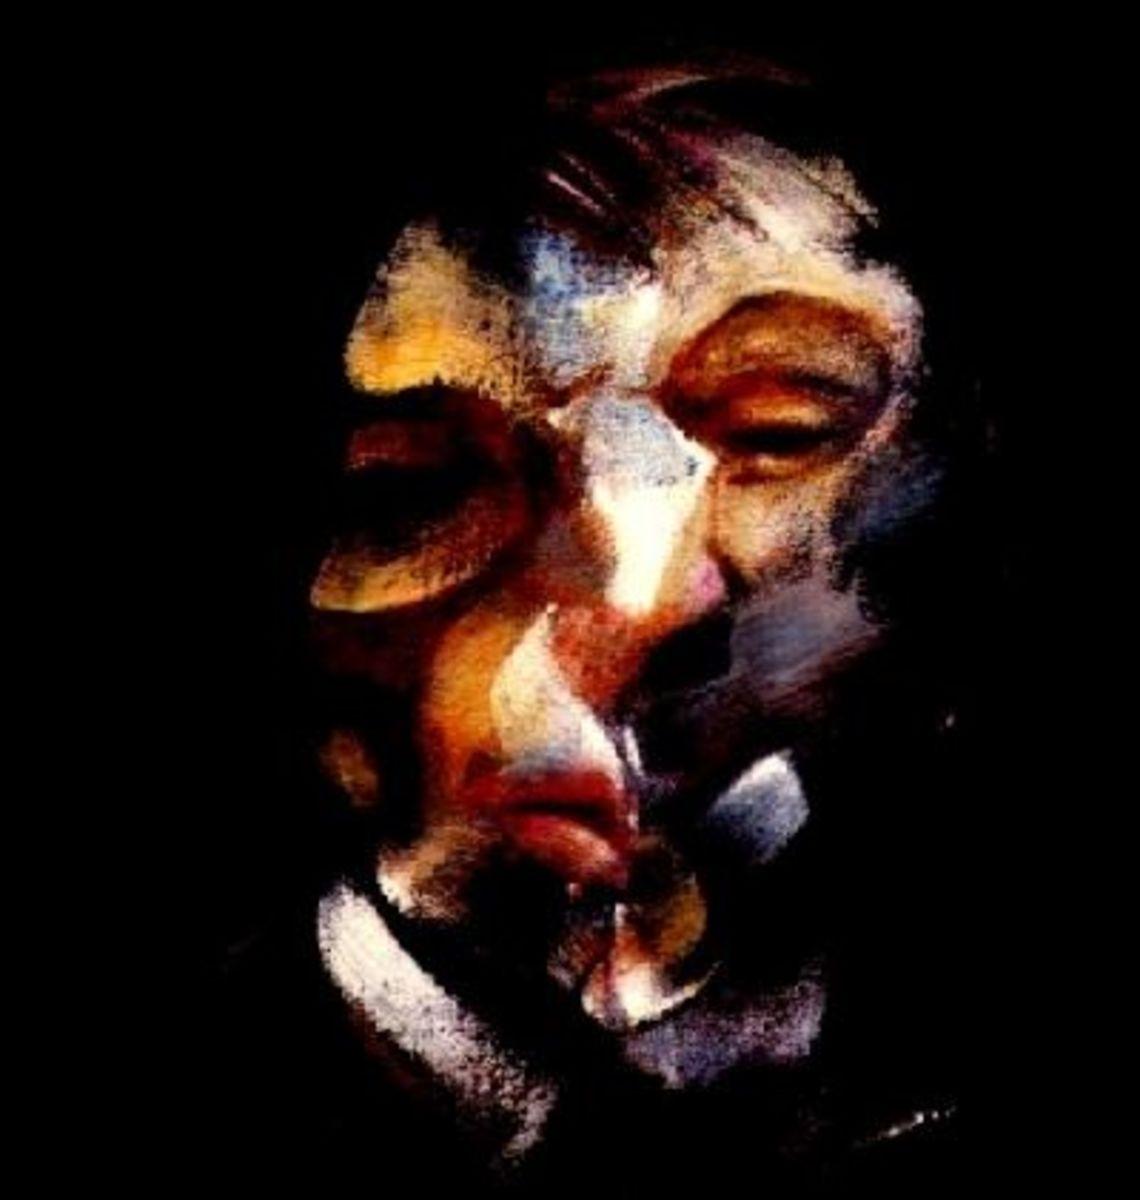 Francis Bacon's Self Portrait